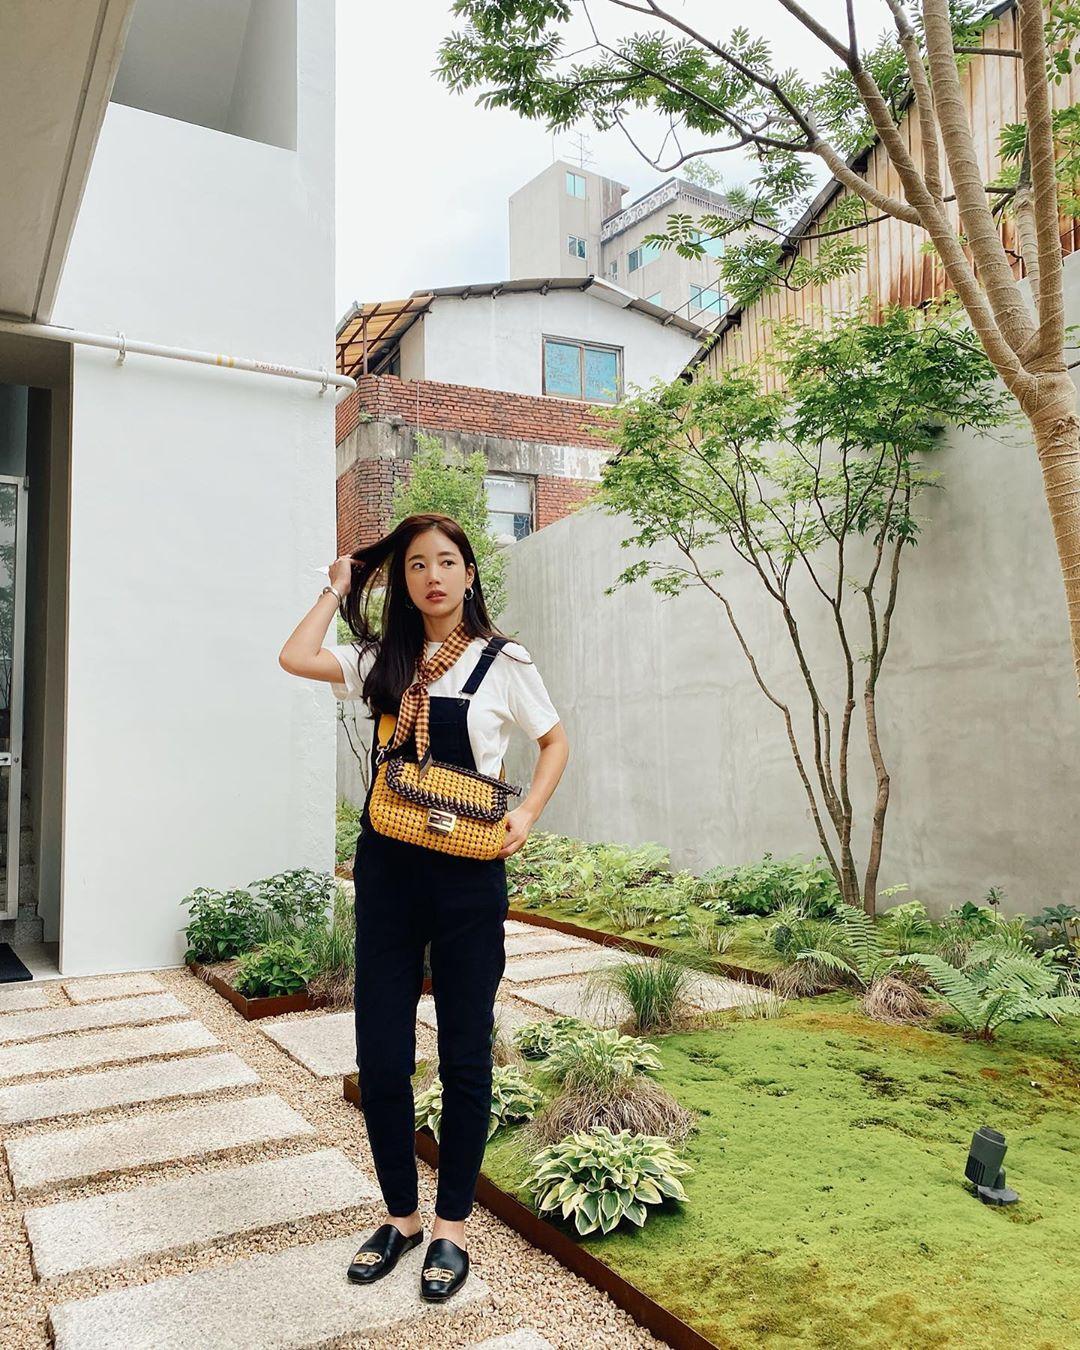 Cô khoe phong cách với túi Baguette cỡ lớn - bản giới hạn đắt thứ hai của Fendi ra mắt đầu năm, giá 9.000 USD (212 triệu). Thiết kế đan cài hai chất liệu da nappa nâu (làm từ da cừu) và lông chồn. Logo hai đặc trưng thương hiệu làm bằng kim loại, bề mặt sáng bóng.